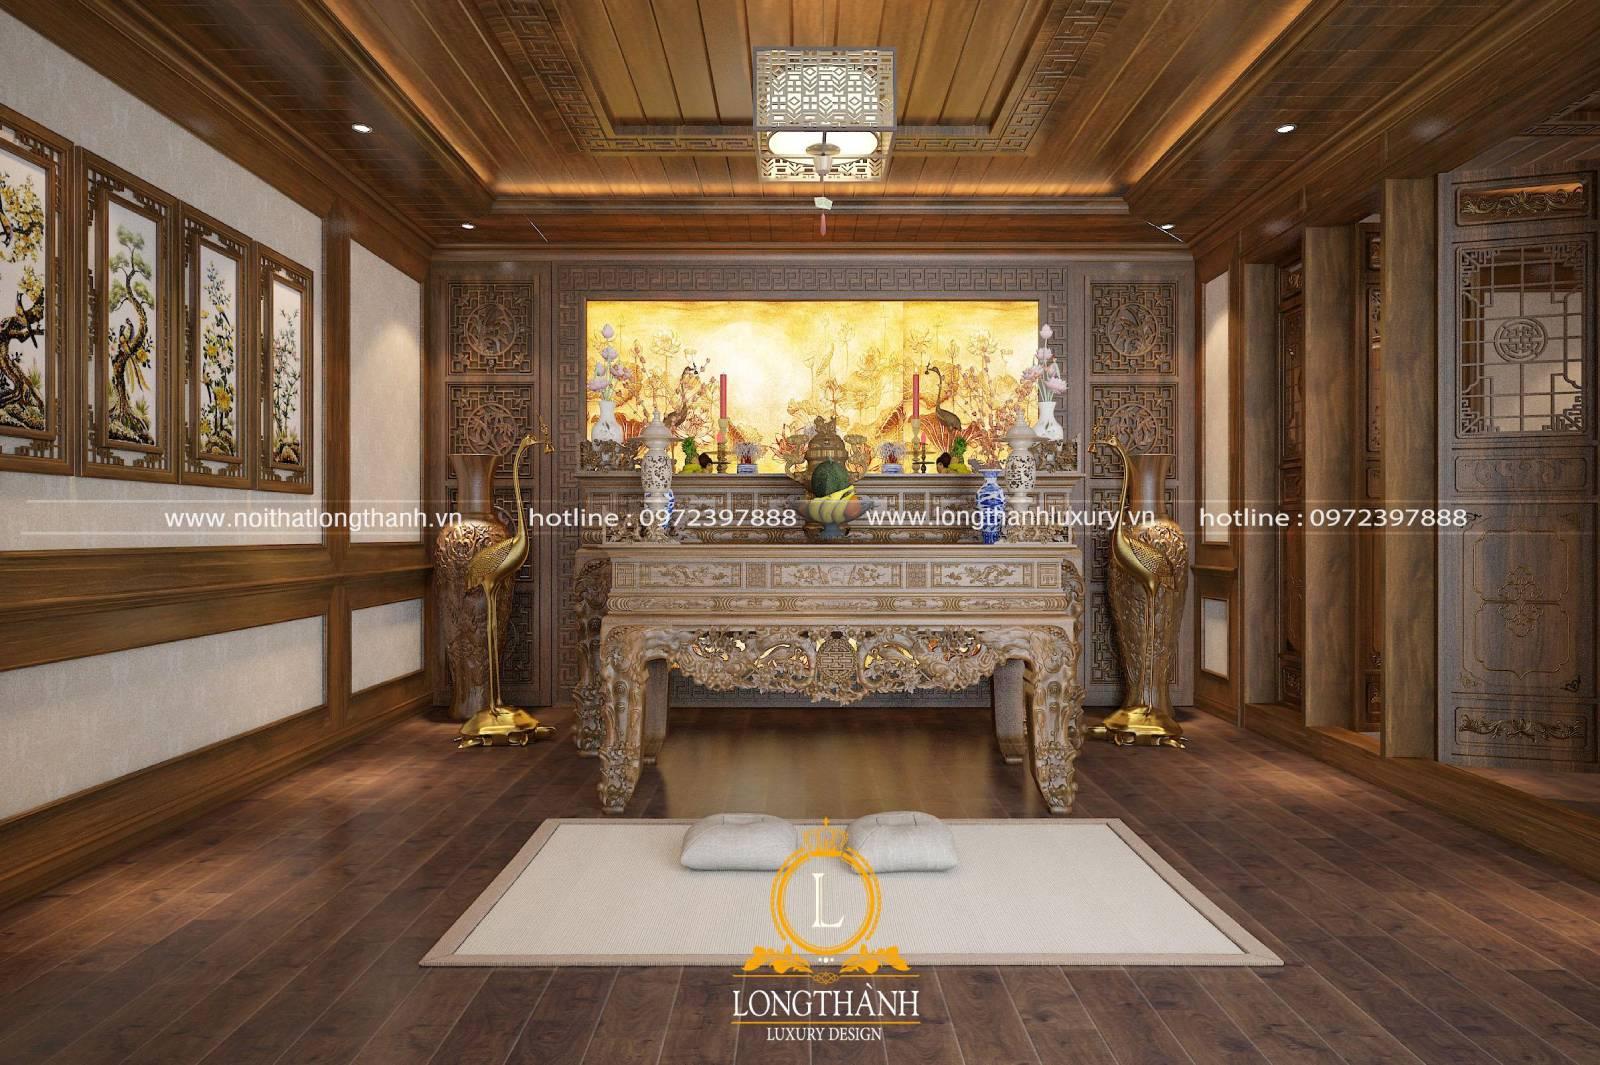 Thiết kế nội thất phòng thờ cổ điển cho biệt thự phố với vẻ đẹp thẩm mỹ cao